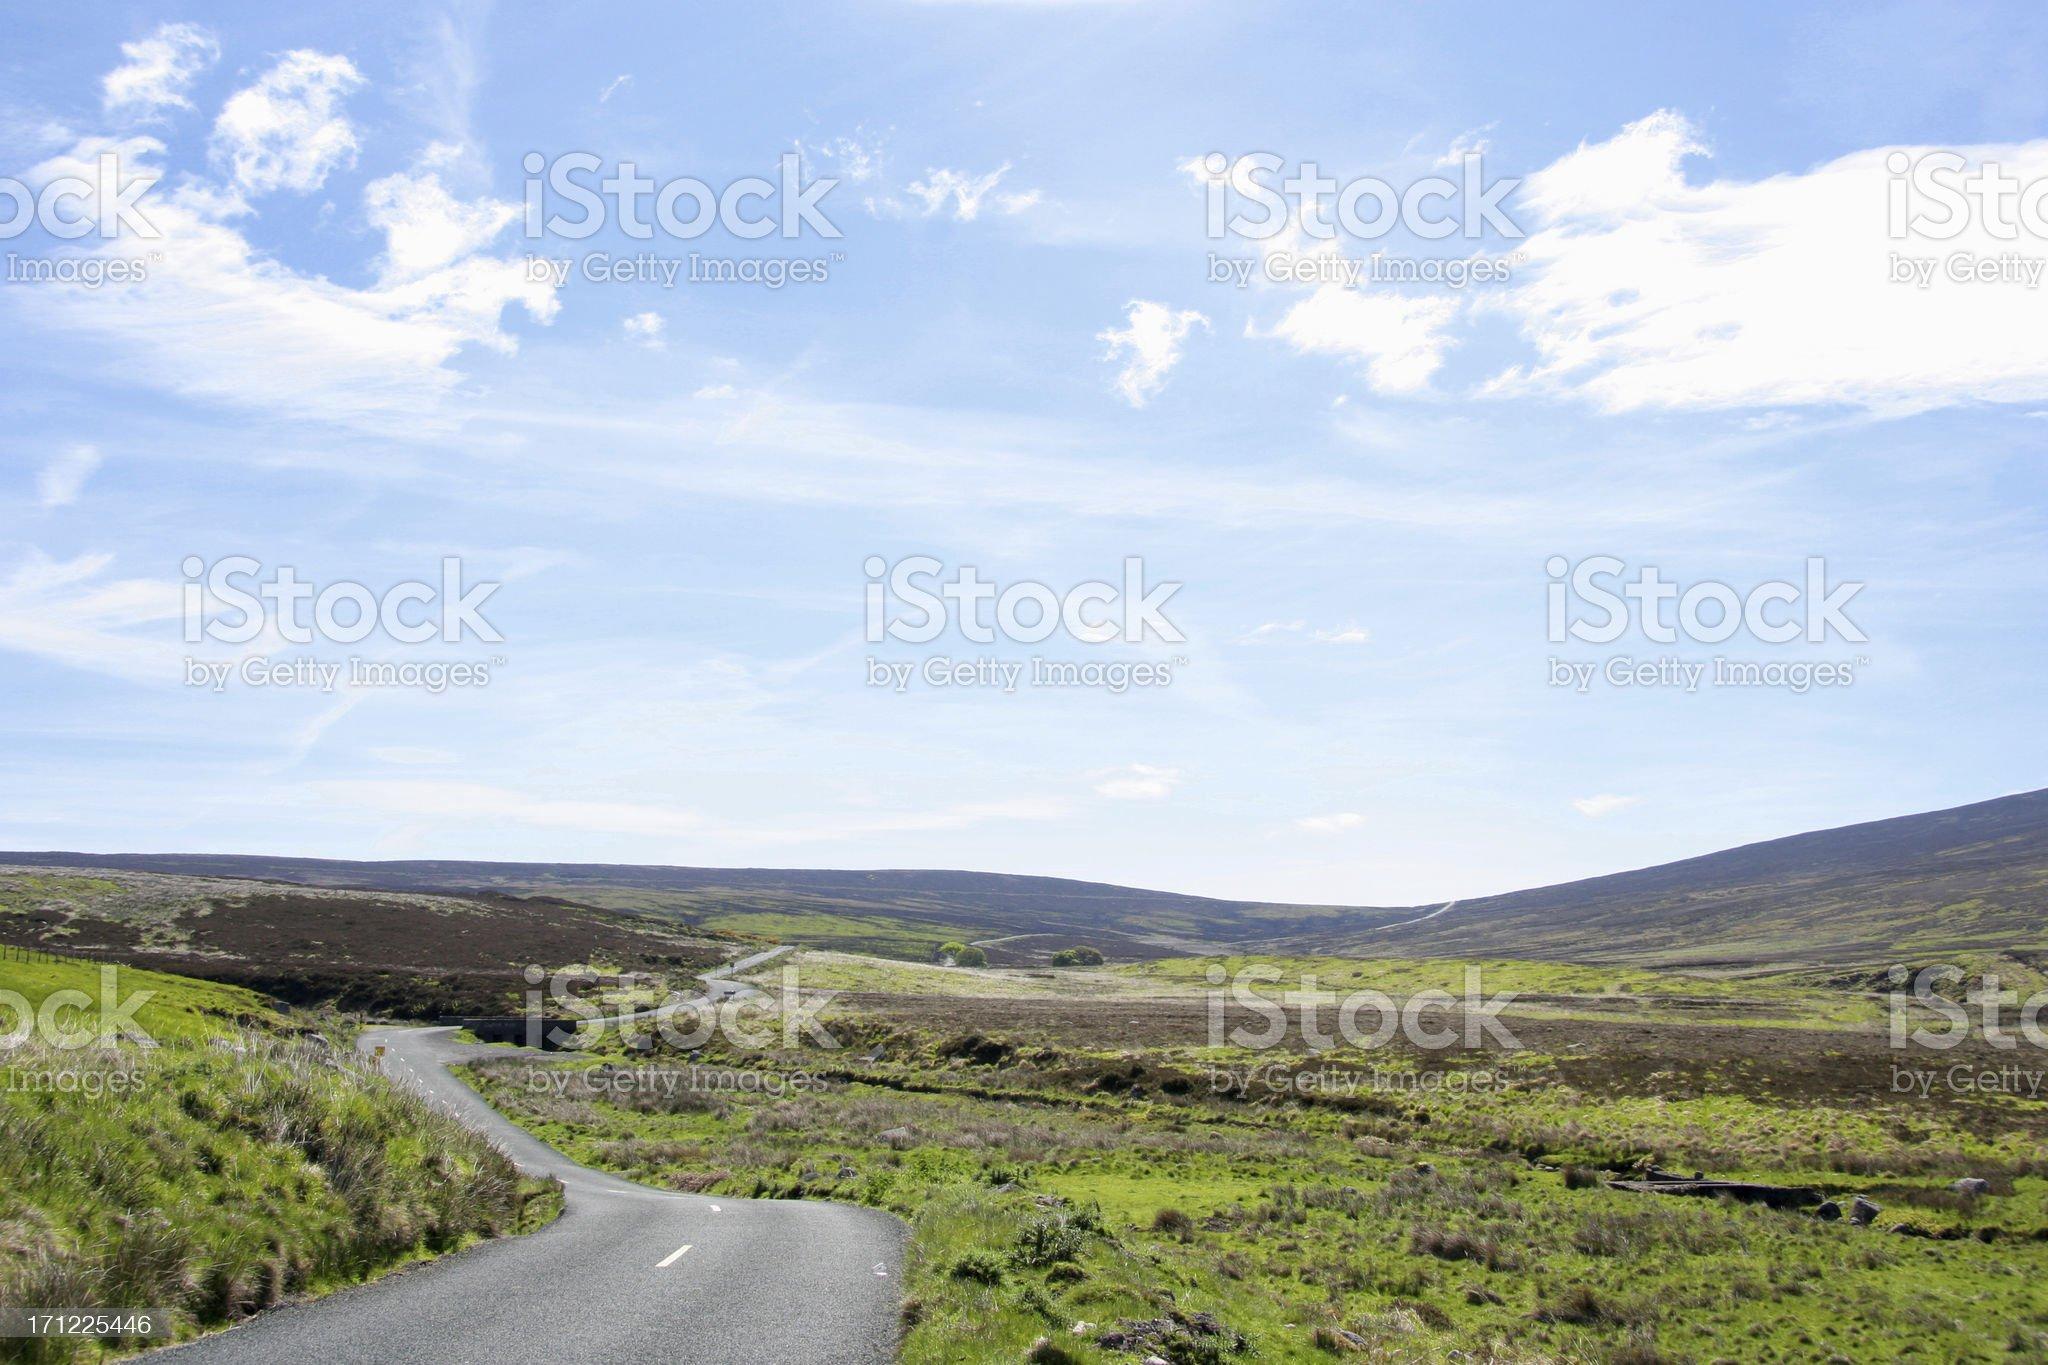 Road to Sally Gap (Ireland) royalty-free stock photo